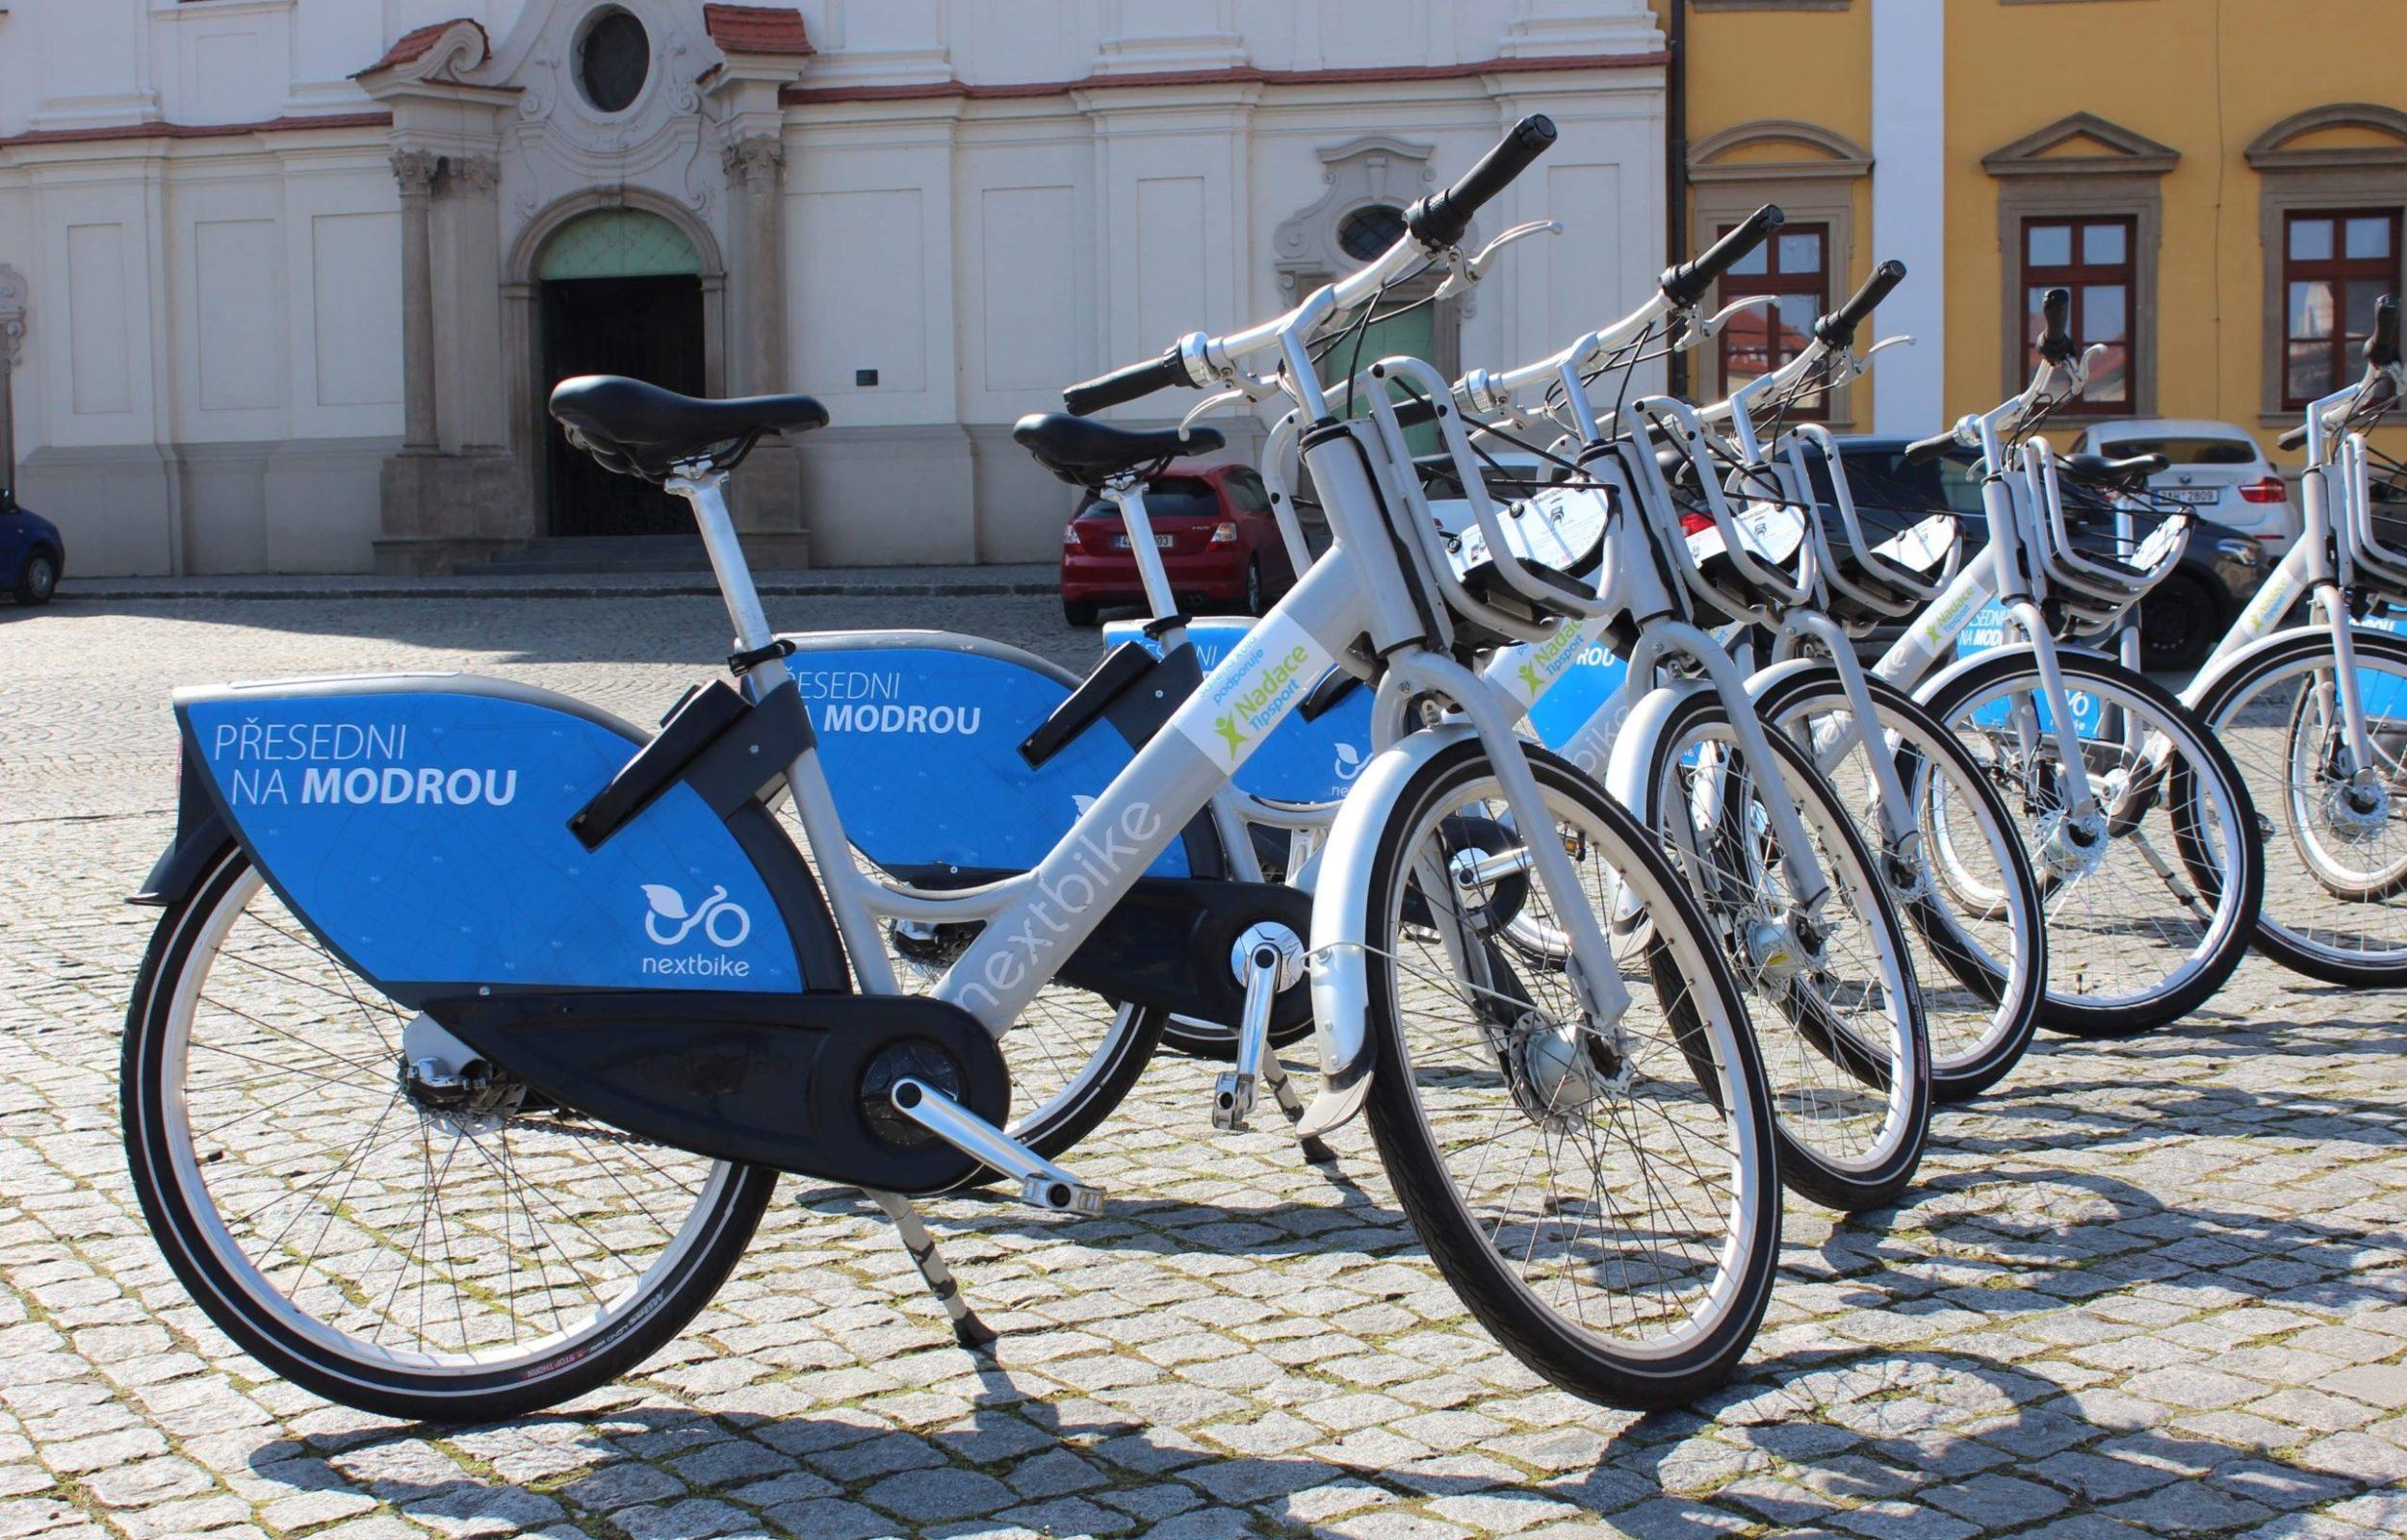 Sdílená kola v Uherské Hradišti usnadňují pohyb městem